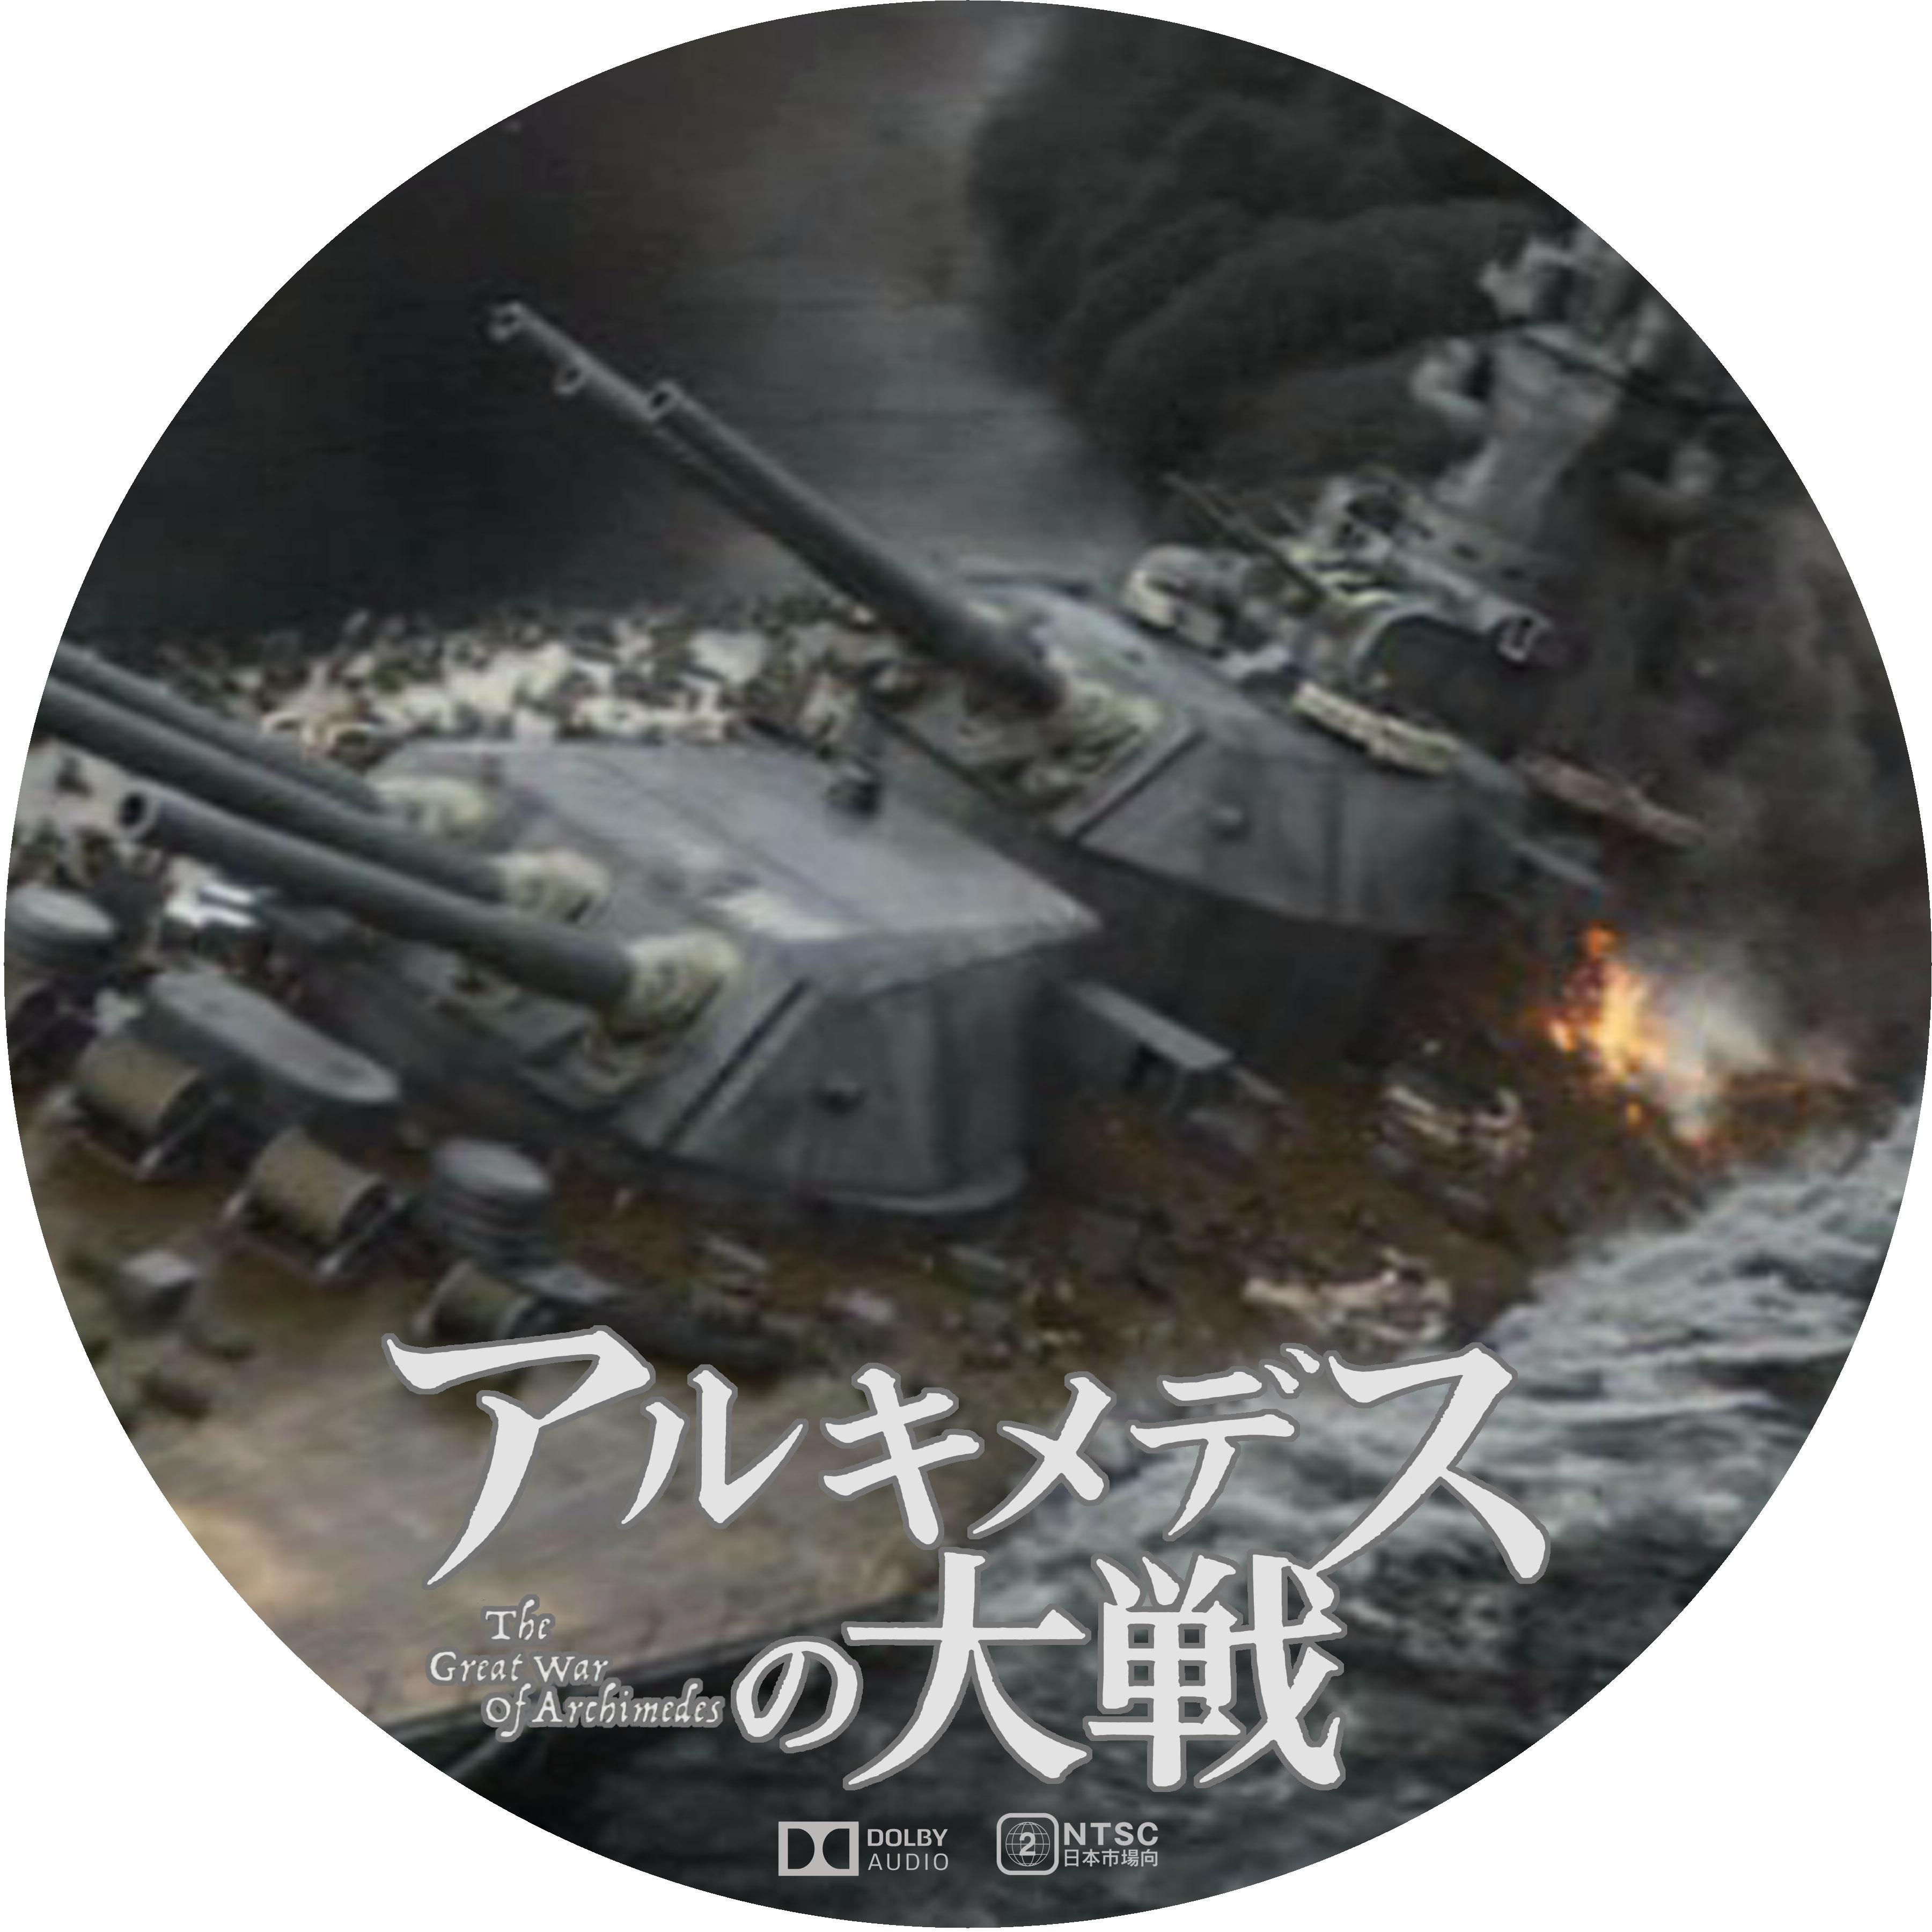 アルキメデス の 大戦 dvd ラベル